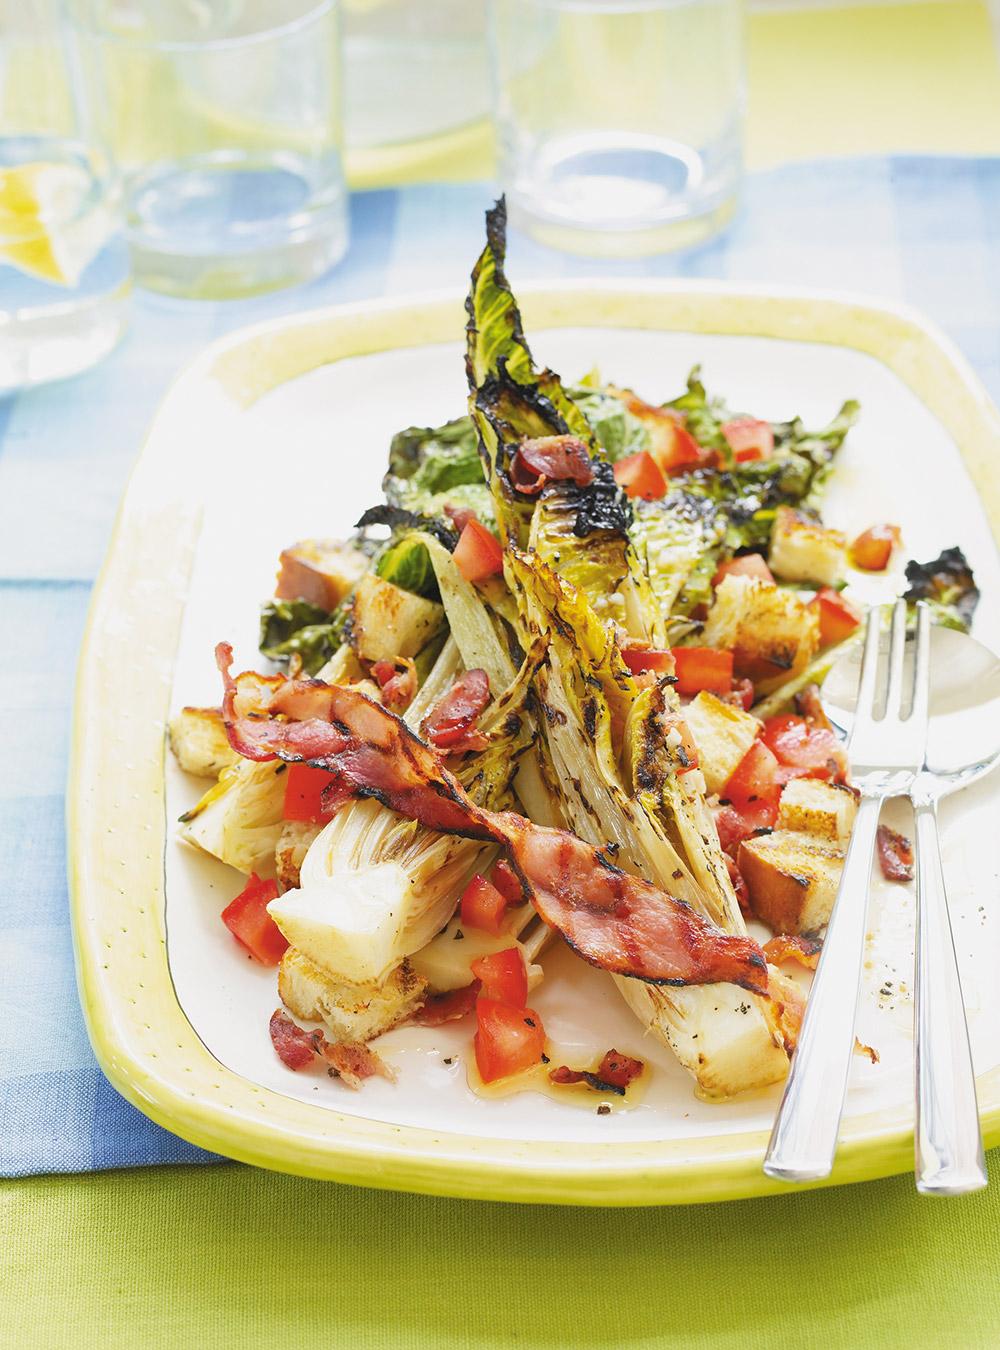 Salade blt avec laitue grillée au barbecue | ricardo